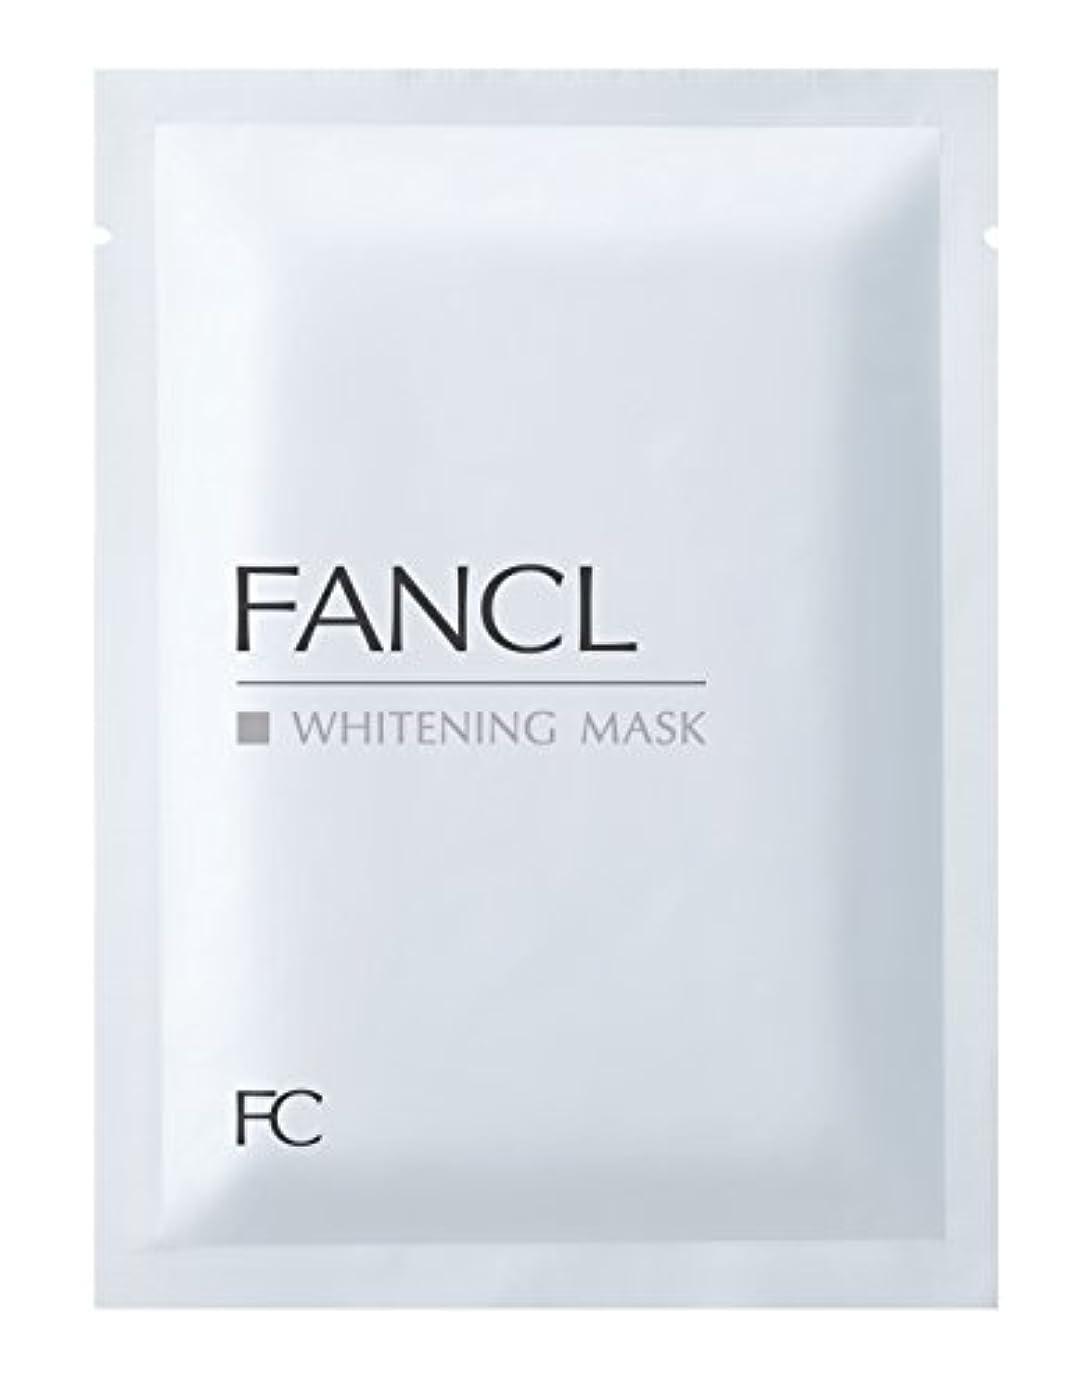 偉業許されるメンテナンス(旧)ファンケル(FANCL) ホワイトニング マスク<医薬部外品> 21mL×6枚